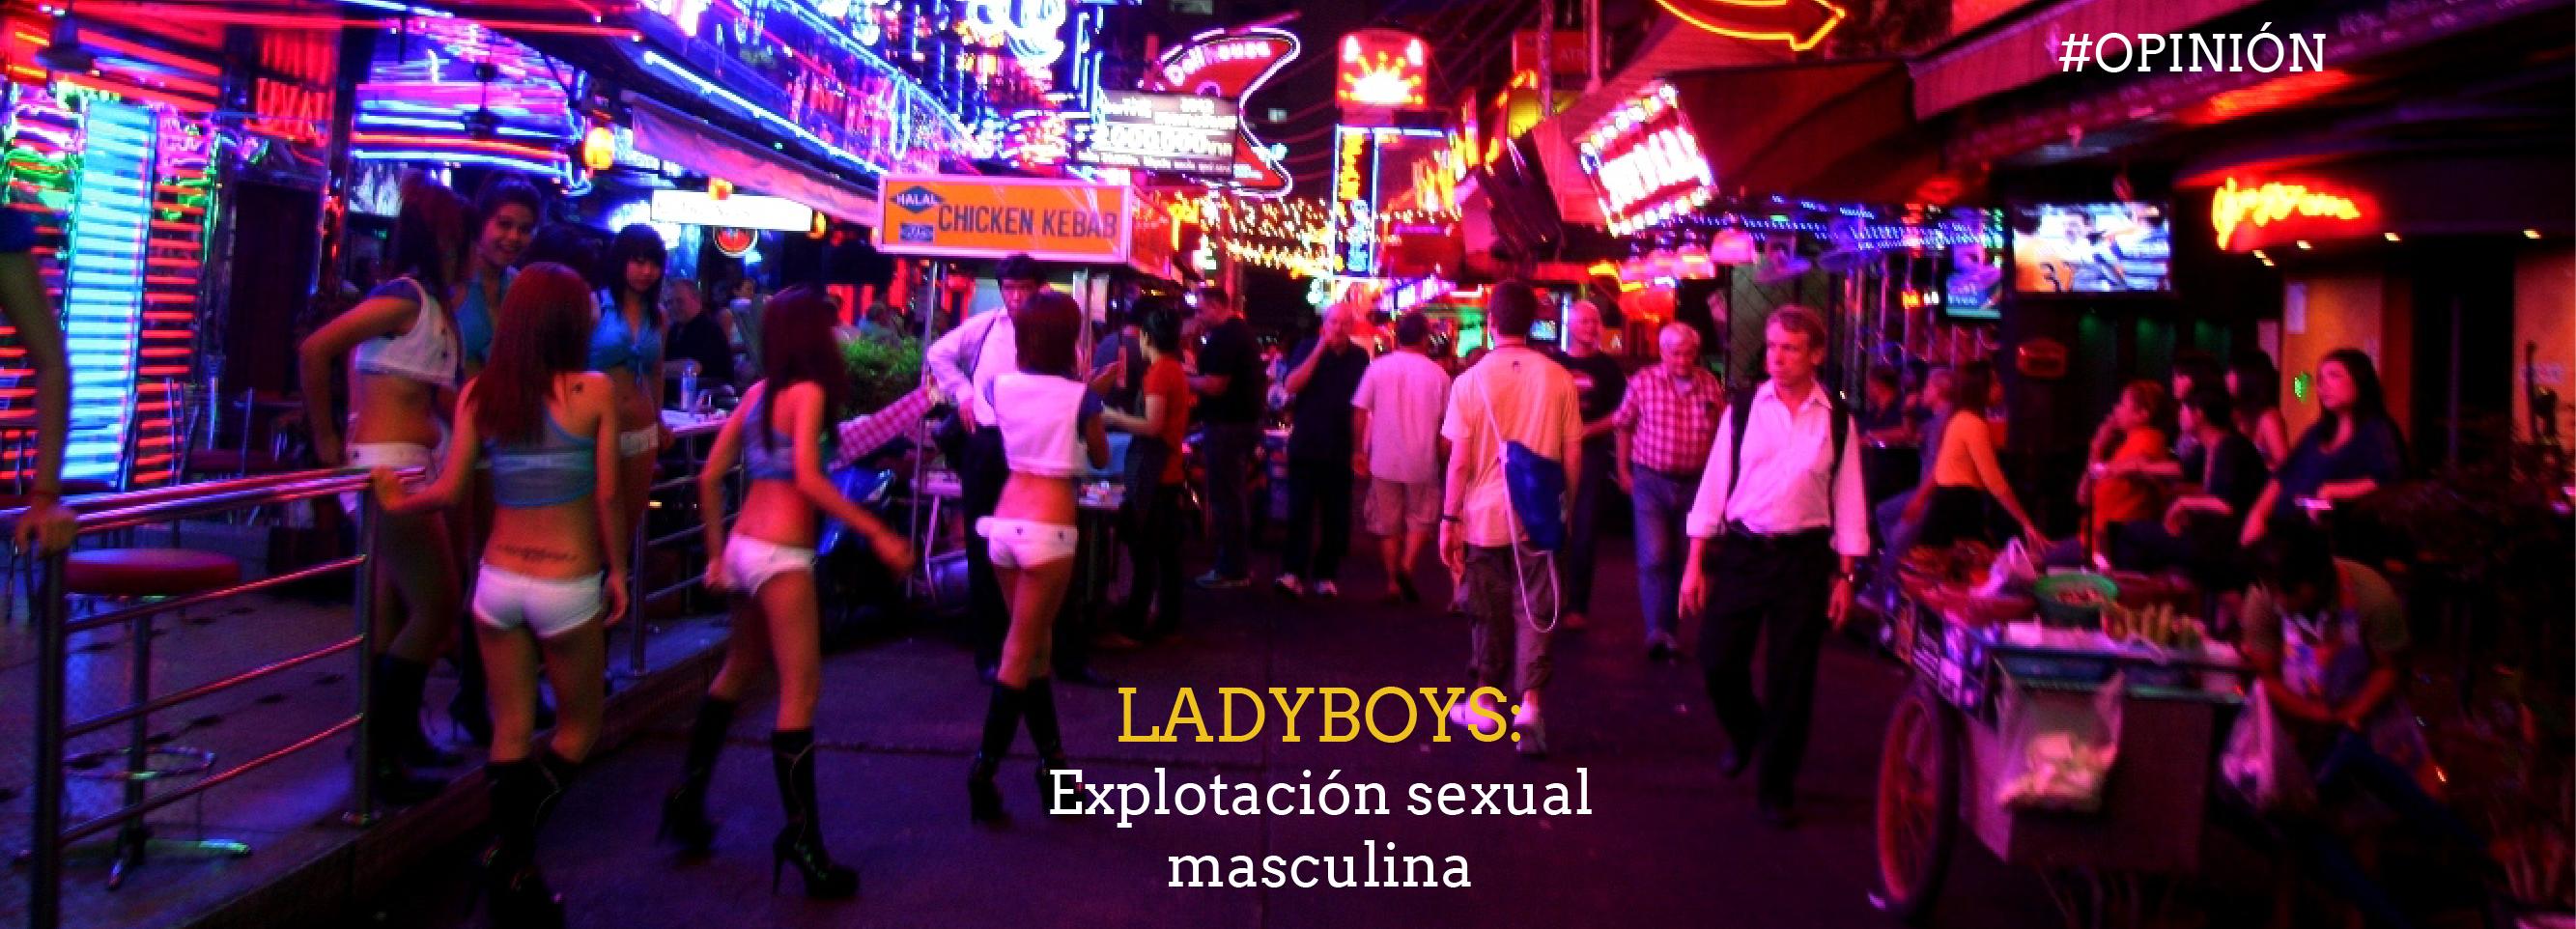 LADYBOYS: Explotación sexual masculina